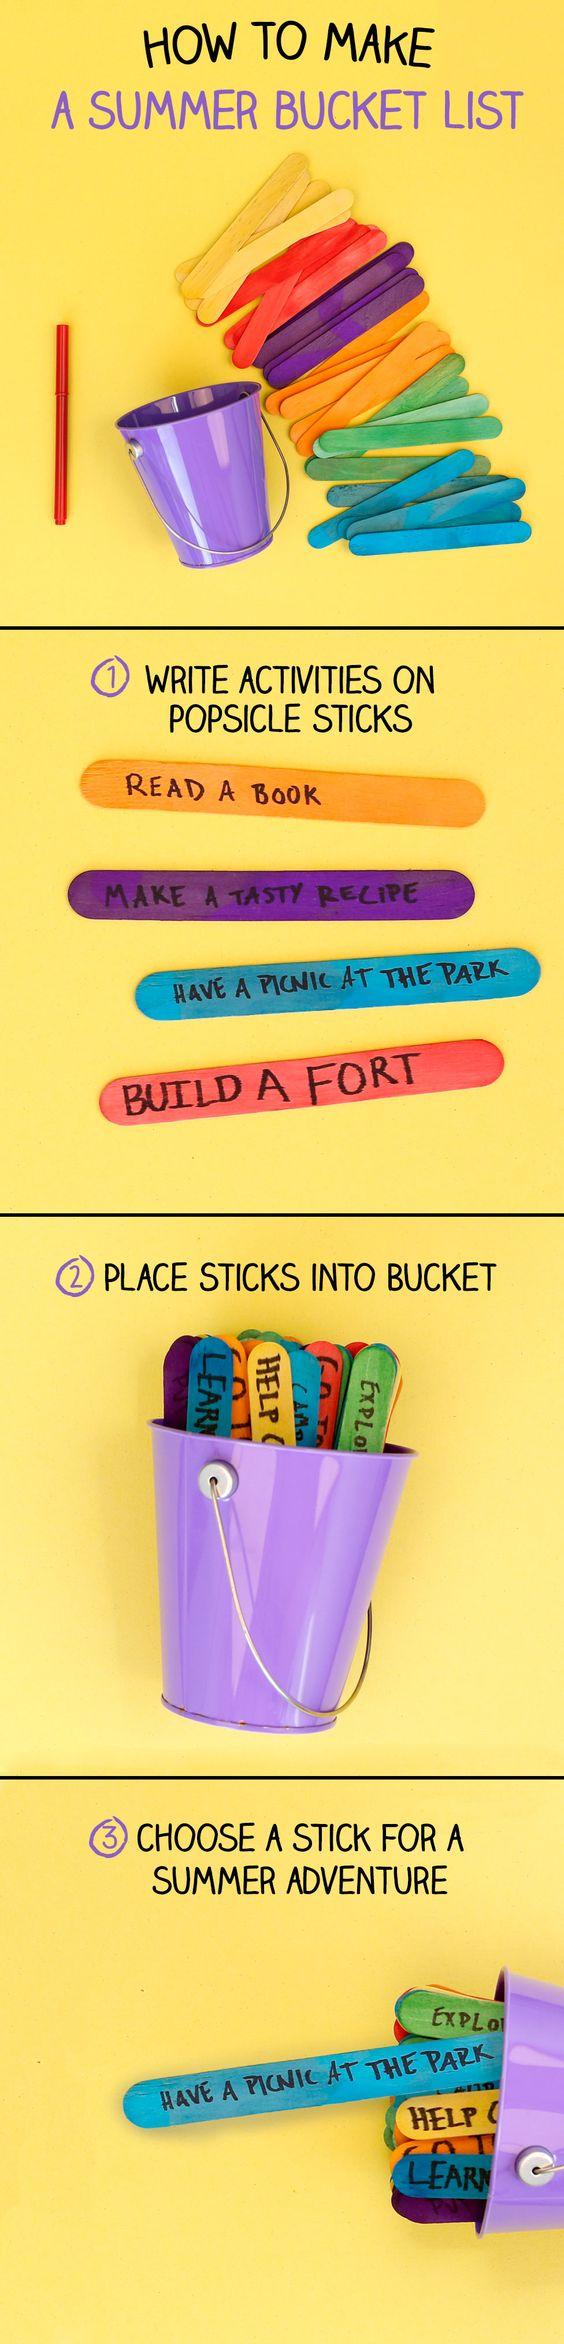 créer une liste d activités été, écrits sur des batonents de glace multicolores, tutoriel, bricolage enfant, activité manuelle primaire été